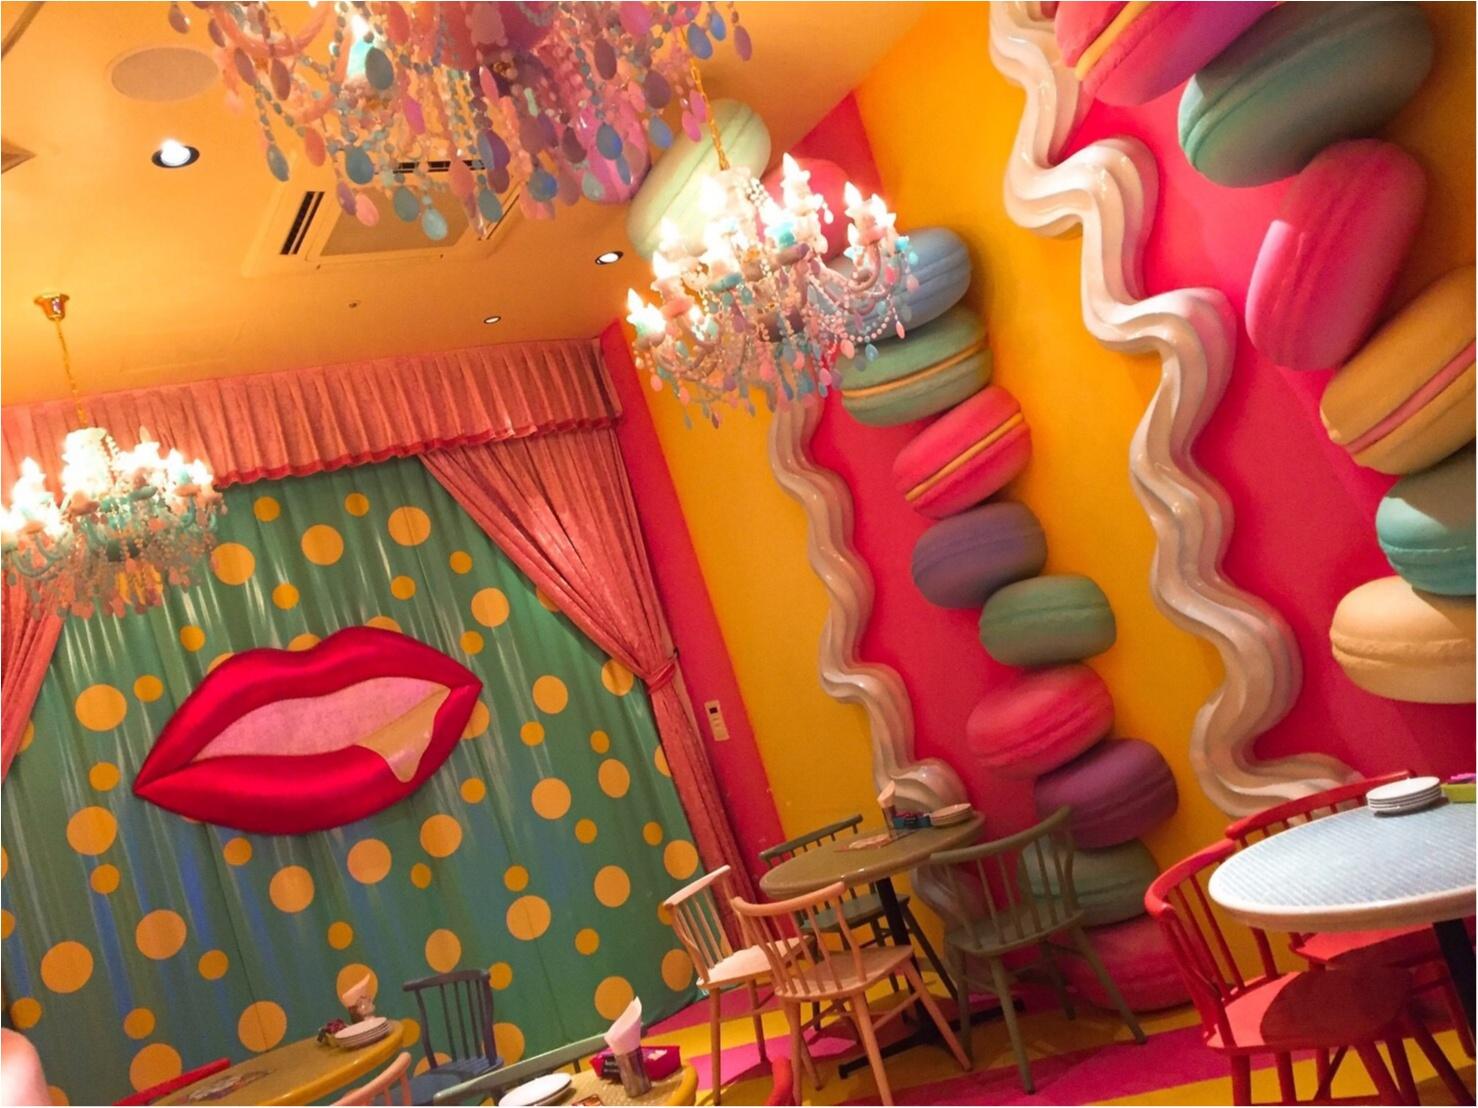 噂のカラフル可愛い原宿''kawaii monster café'' 写真ぢゃ伝えきれない夢の世界♡_2